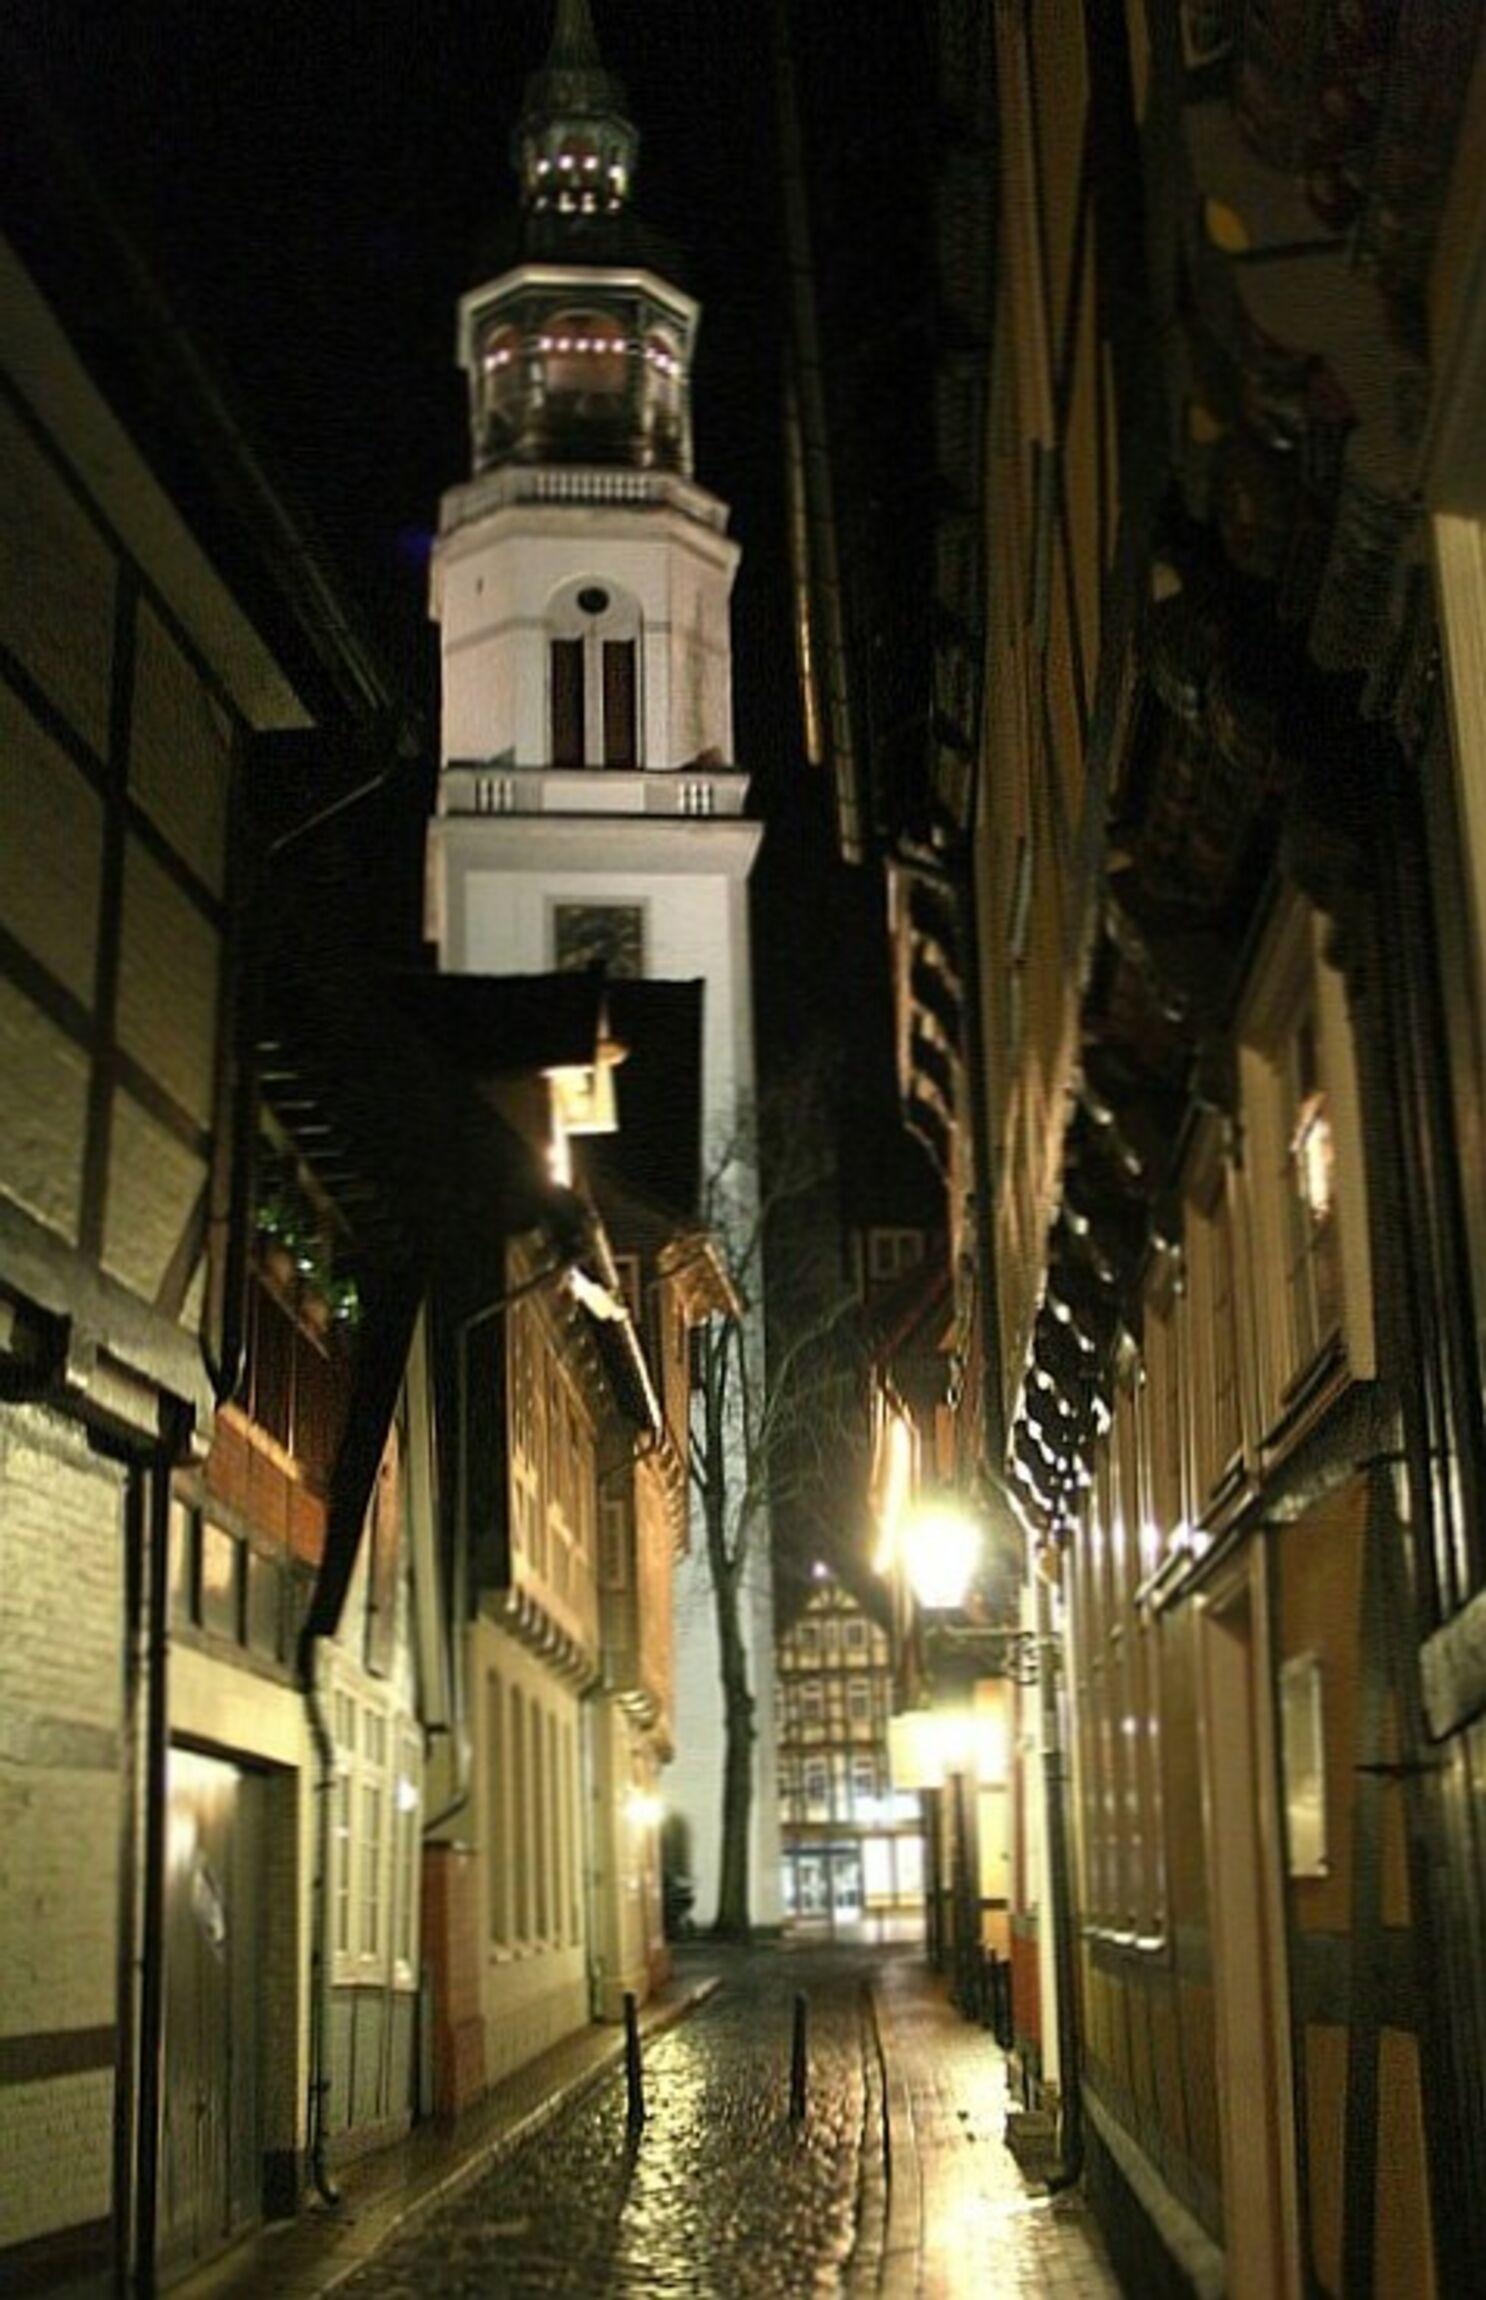 Stadtkirchturm bei Nacht - Blick aus Kalandgasse